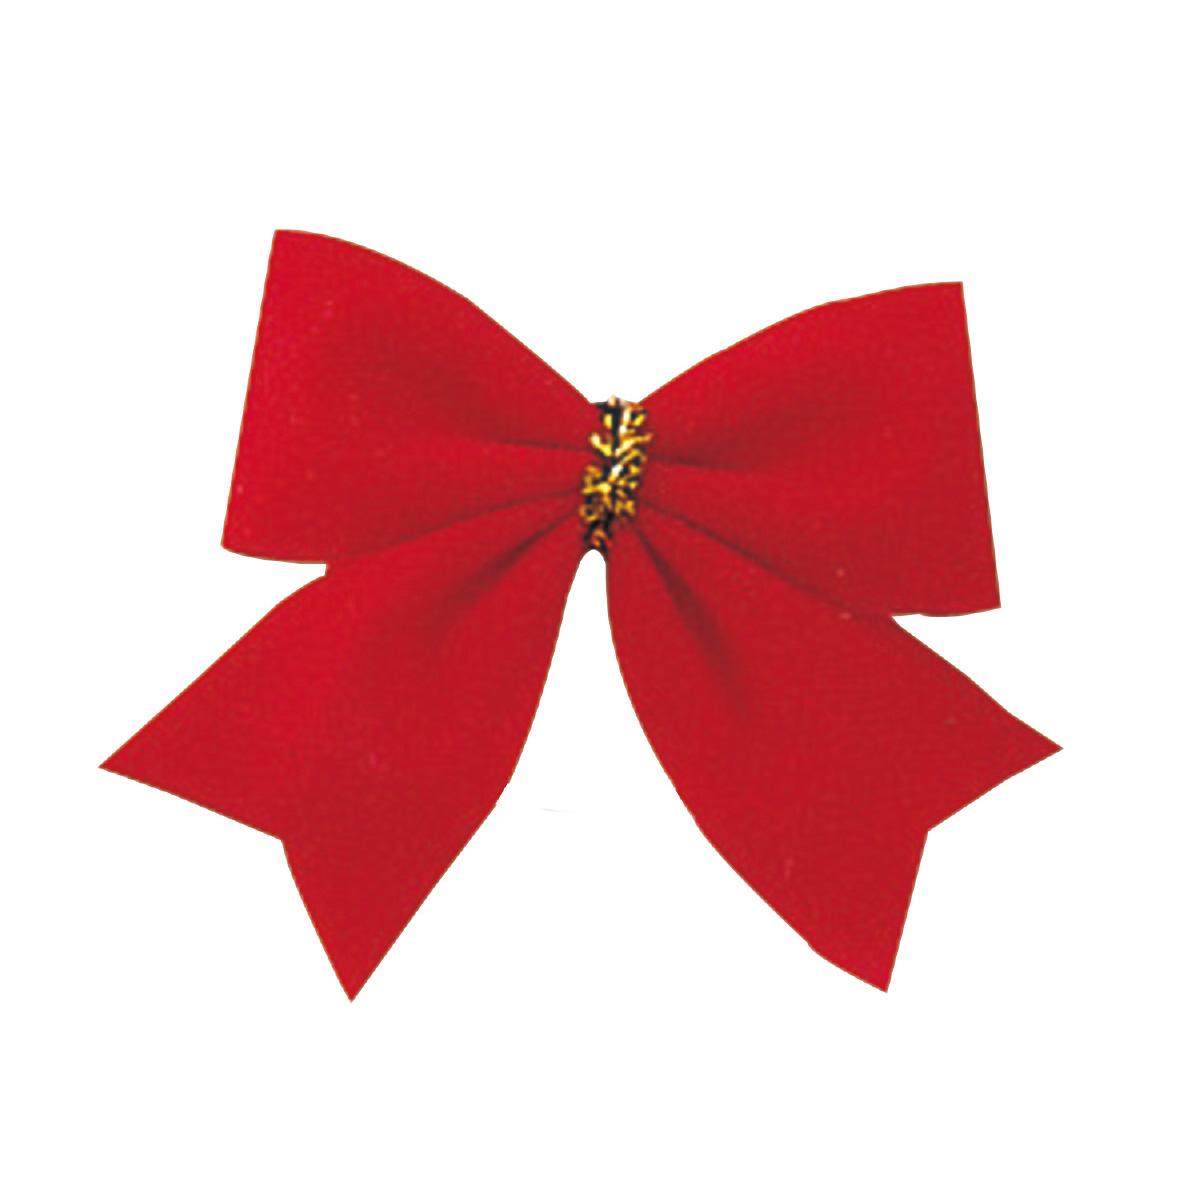 赤い リボン 12コ[リボン幅25mm] アーテック クリスマス 飾り ツリー クリスマス 飾り オーナメント キッズ 子供 幼児